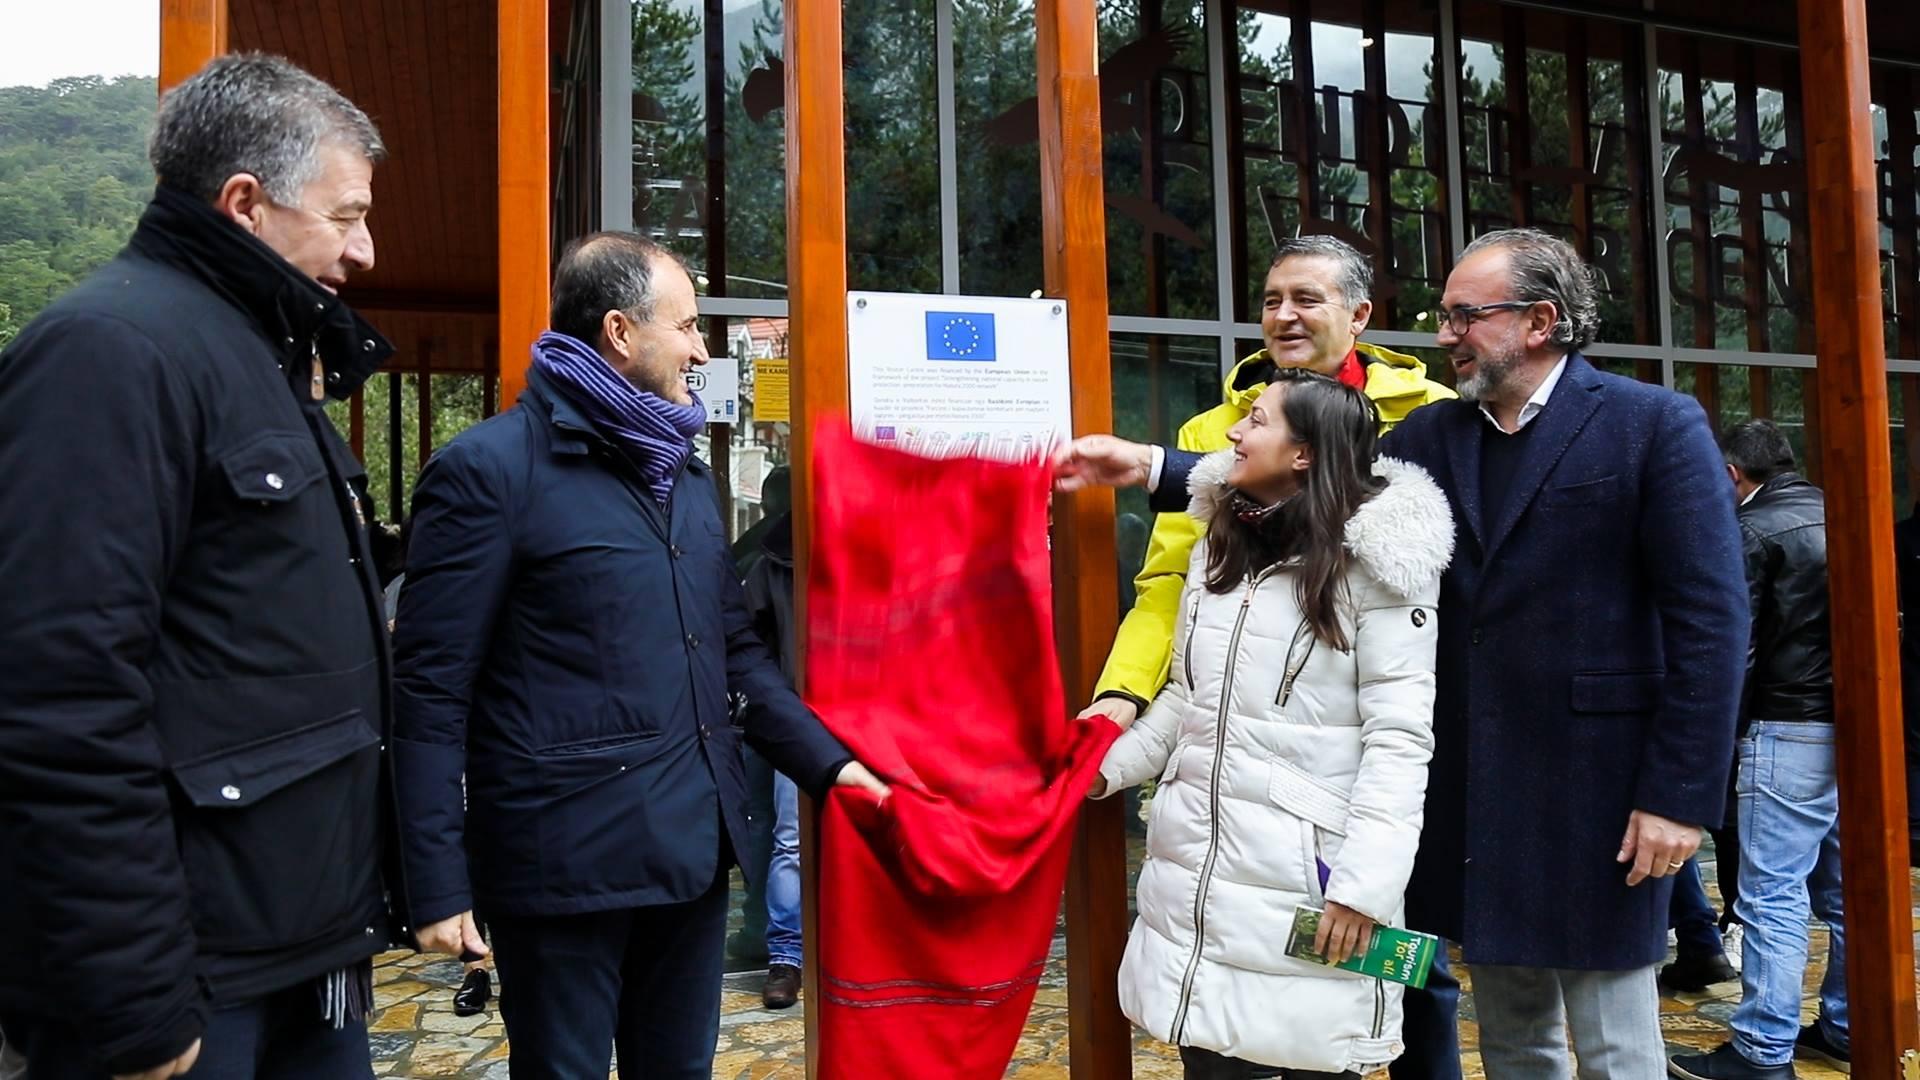 Qendër e re për vizitorët në Llogara/ Klosi: Turizëm gjatë gjithë vitit